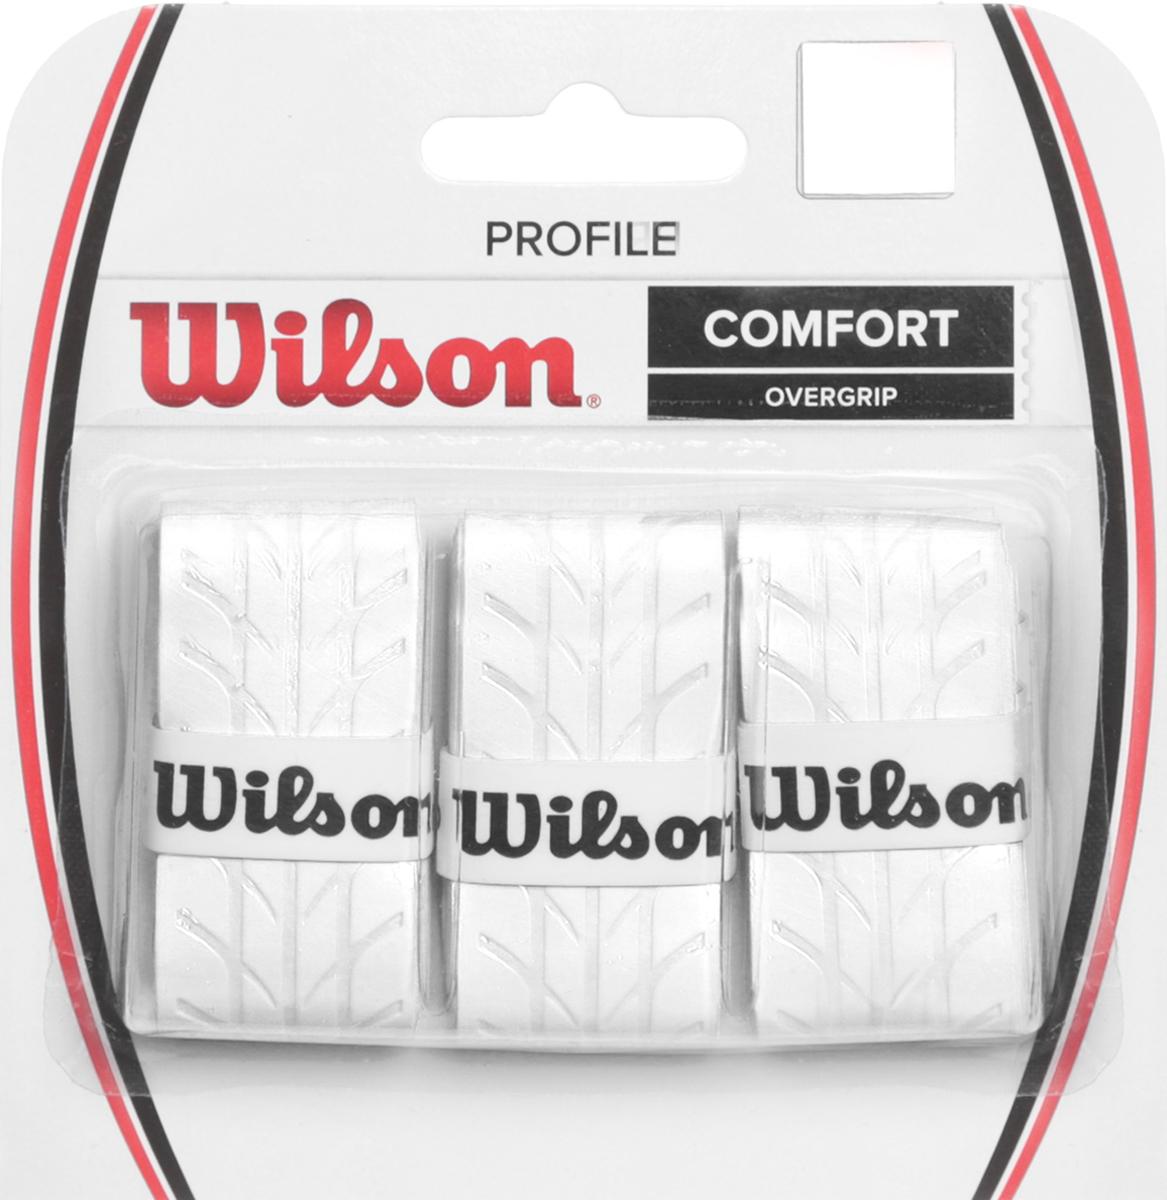 Намотка для ракетки Wilson Profile Overgrip WhWRZ4025WHОвергрип Profile - обладает уникальной насечкой, которая увеличивает чувство ракетки в руках. Идеально подходит для использования в любых тренировочных и турнирных условиях. Поставляется в белом цвете.